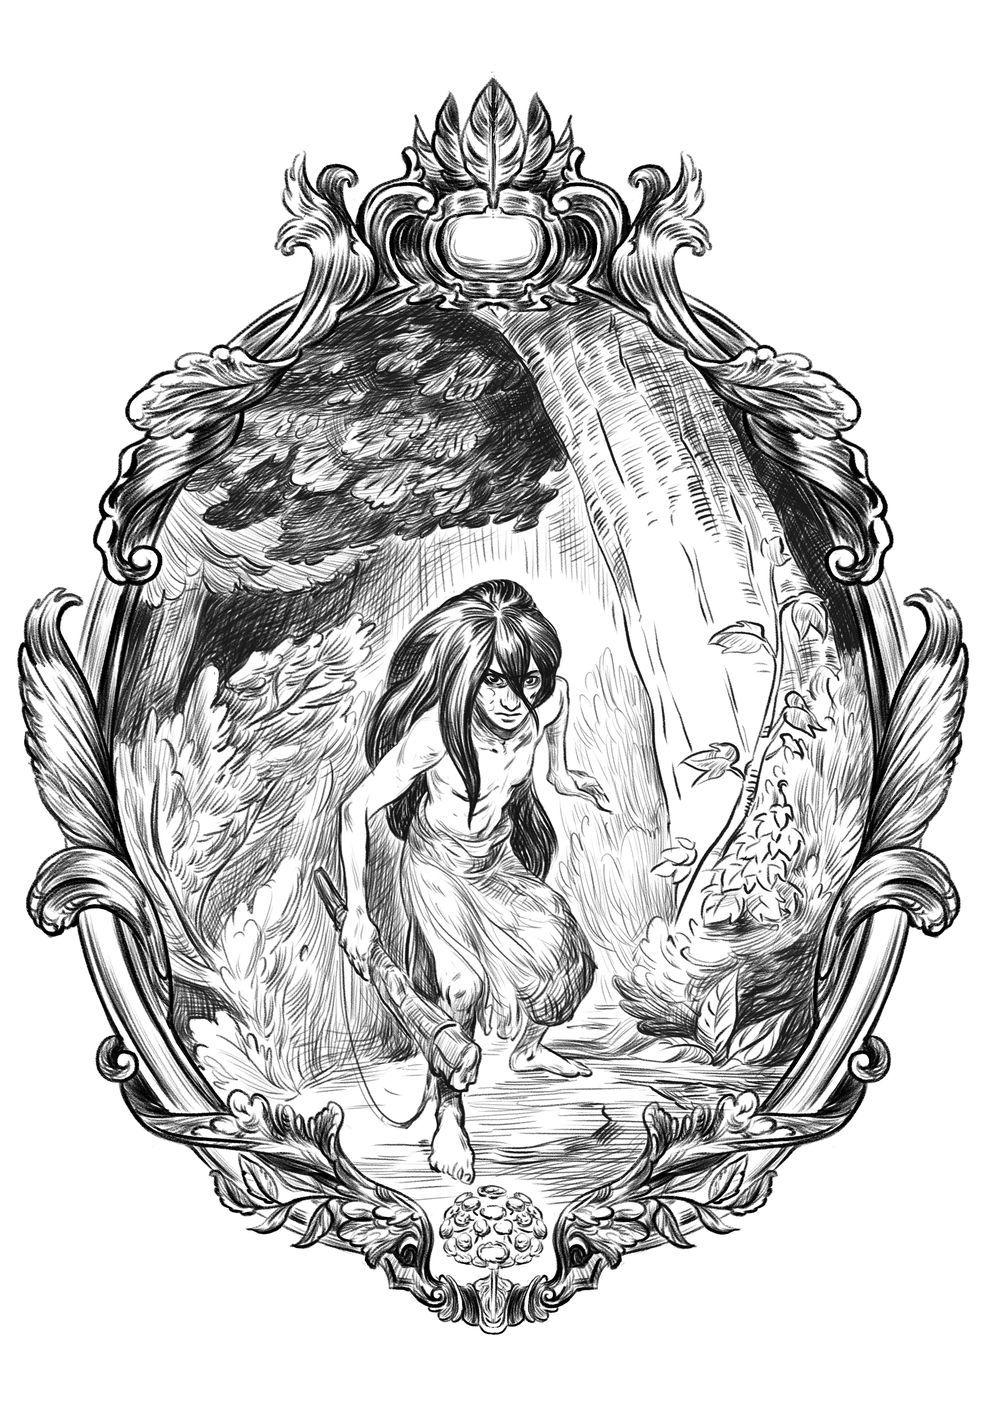 Illustration pour la page de titre